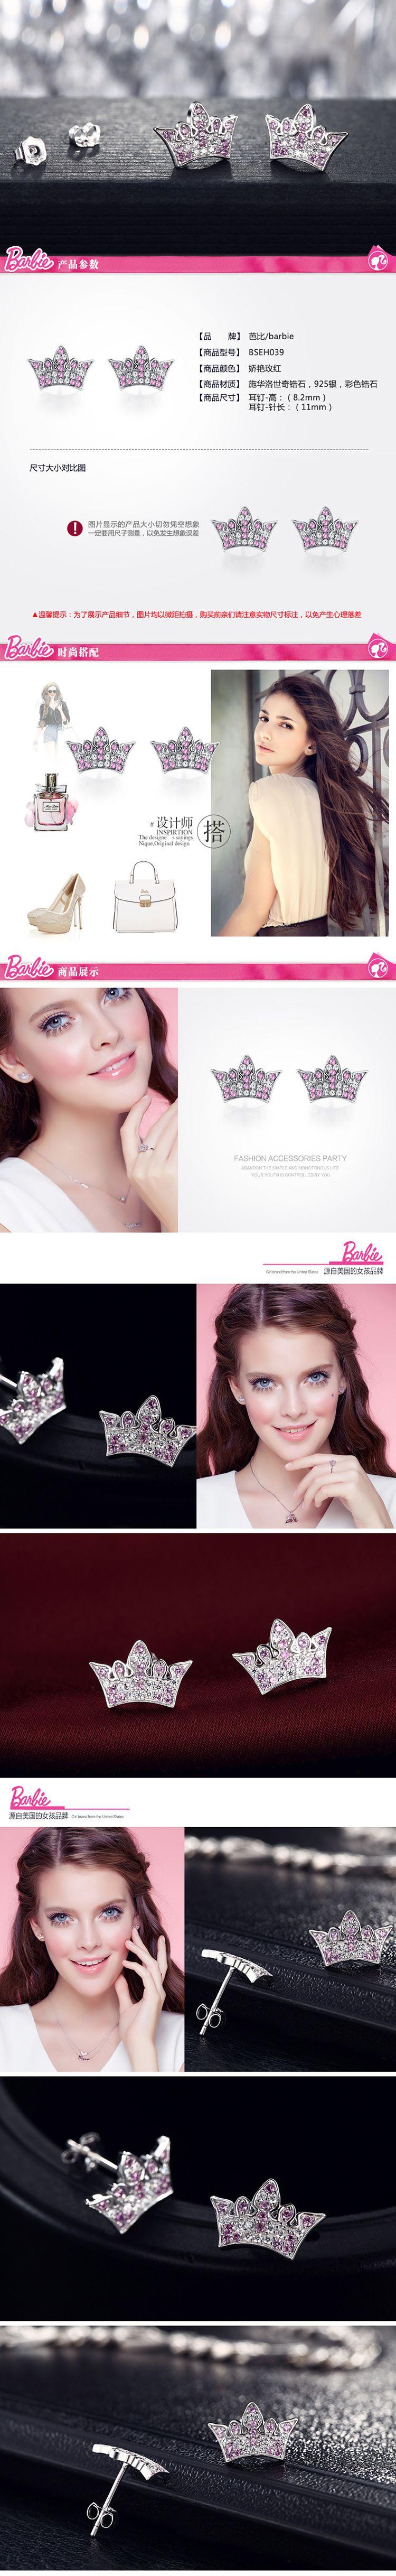 芭比barbie公主系列奢华皇冠施华洛世奇锆石925银